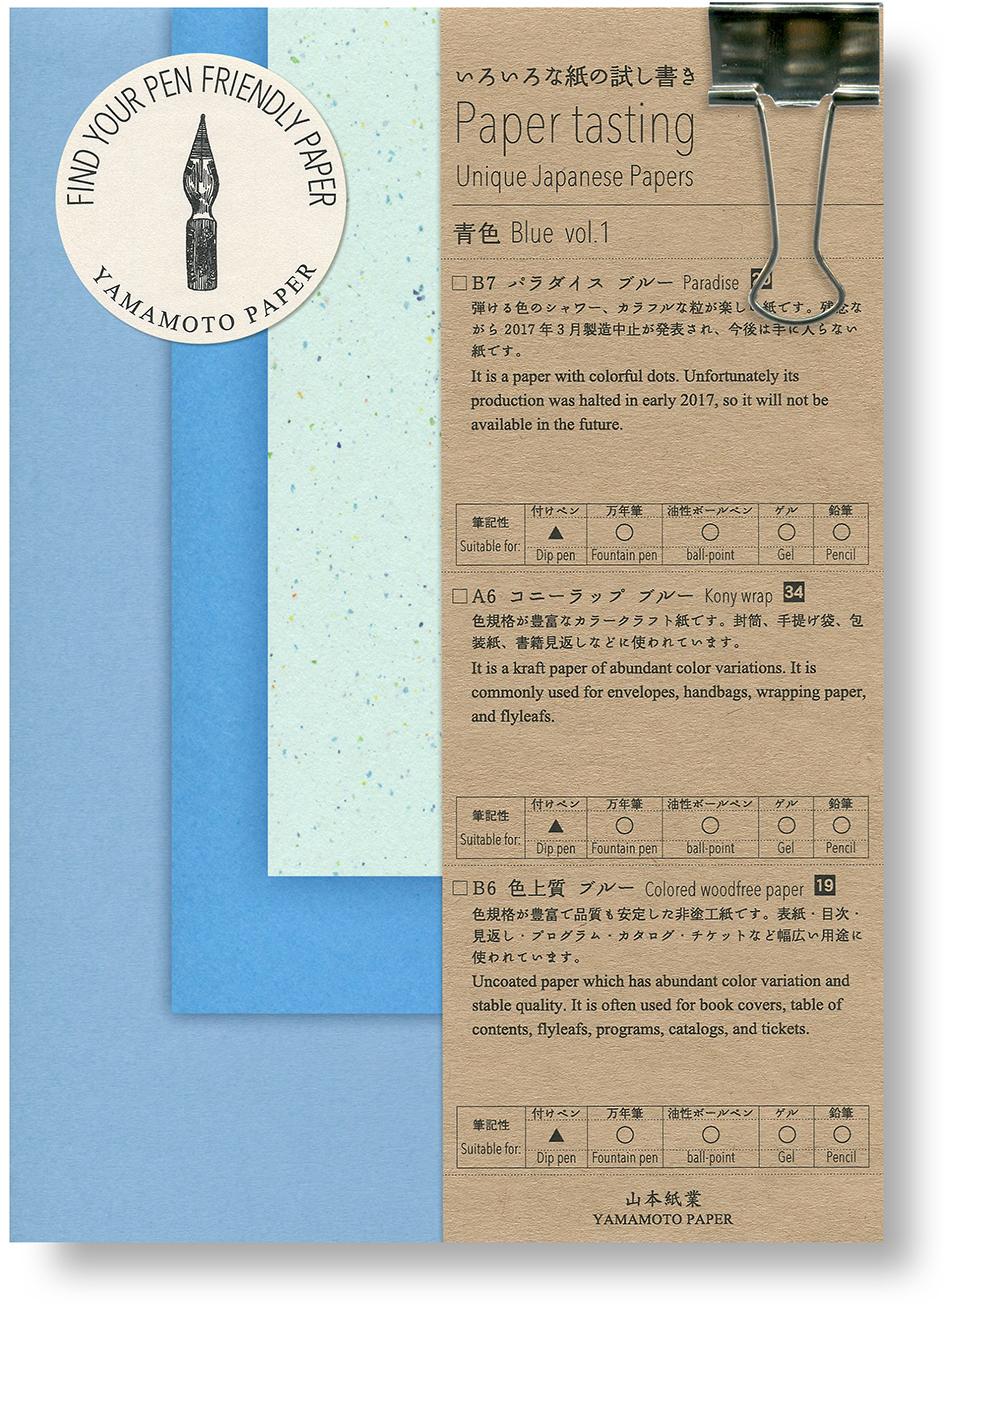 Paper tasting Blue vol.1